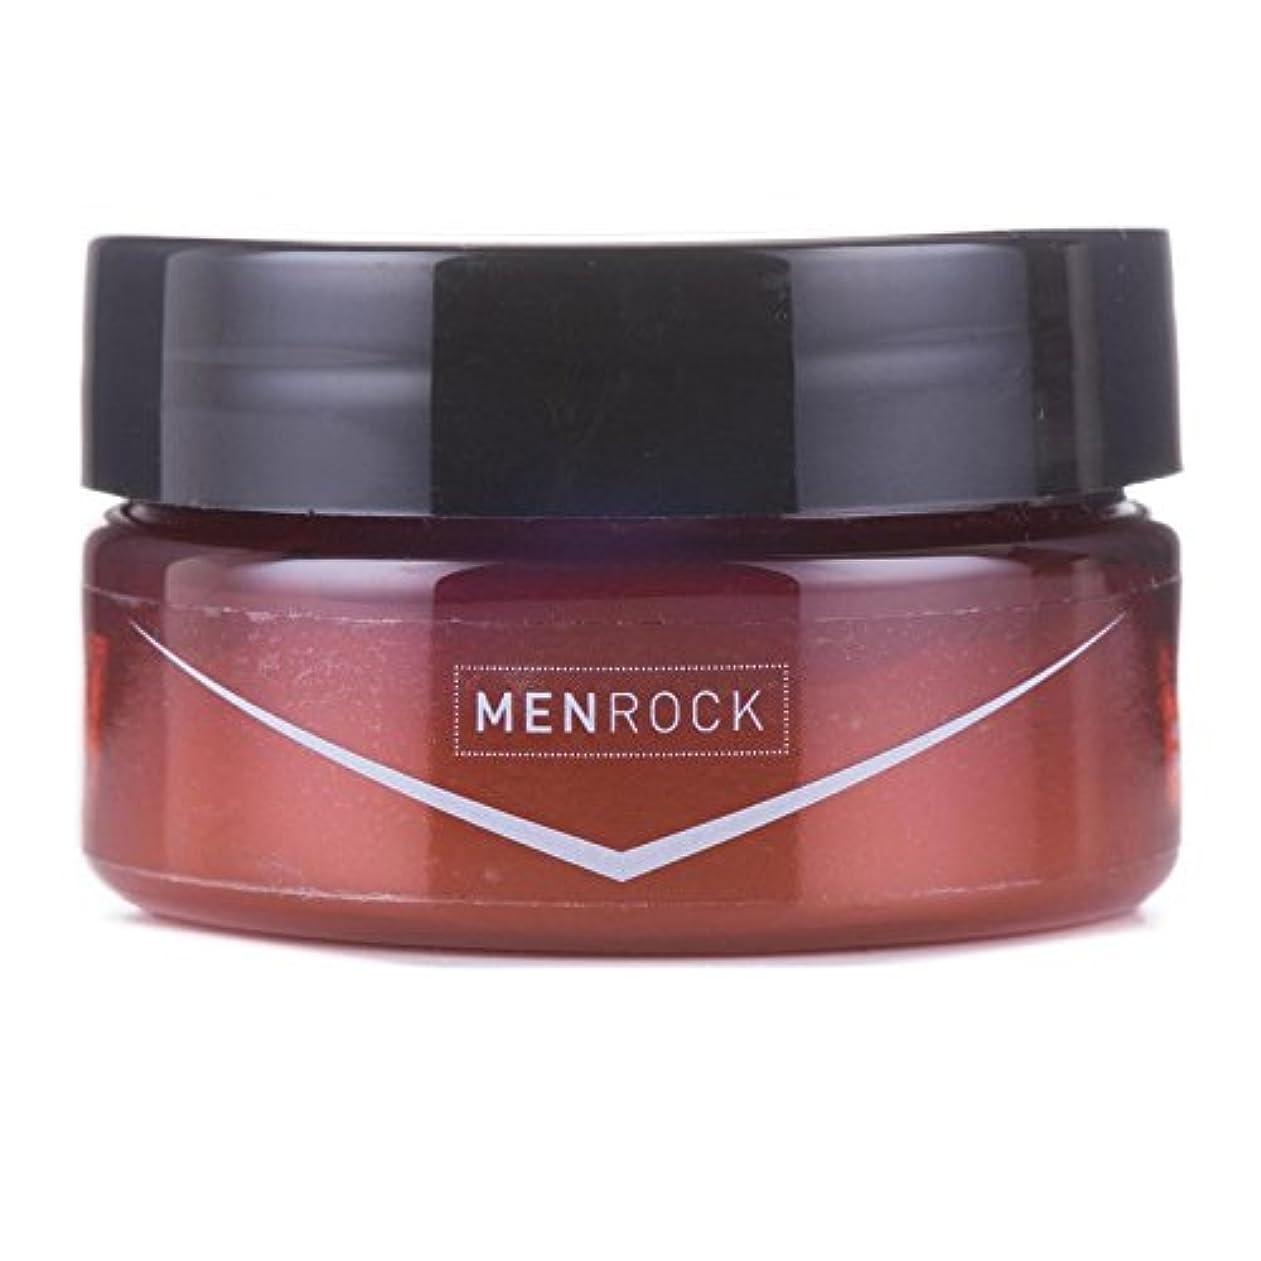 権威ロケット爆風Men Rock Sandalwood Moustache Wax (Pack of 6) - 男性の岩白檀口ひげワックス x6 [並行輸入品]